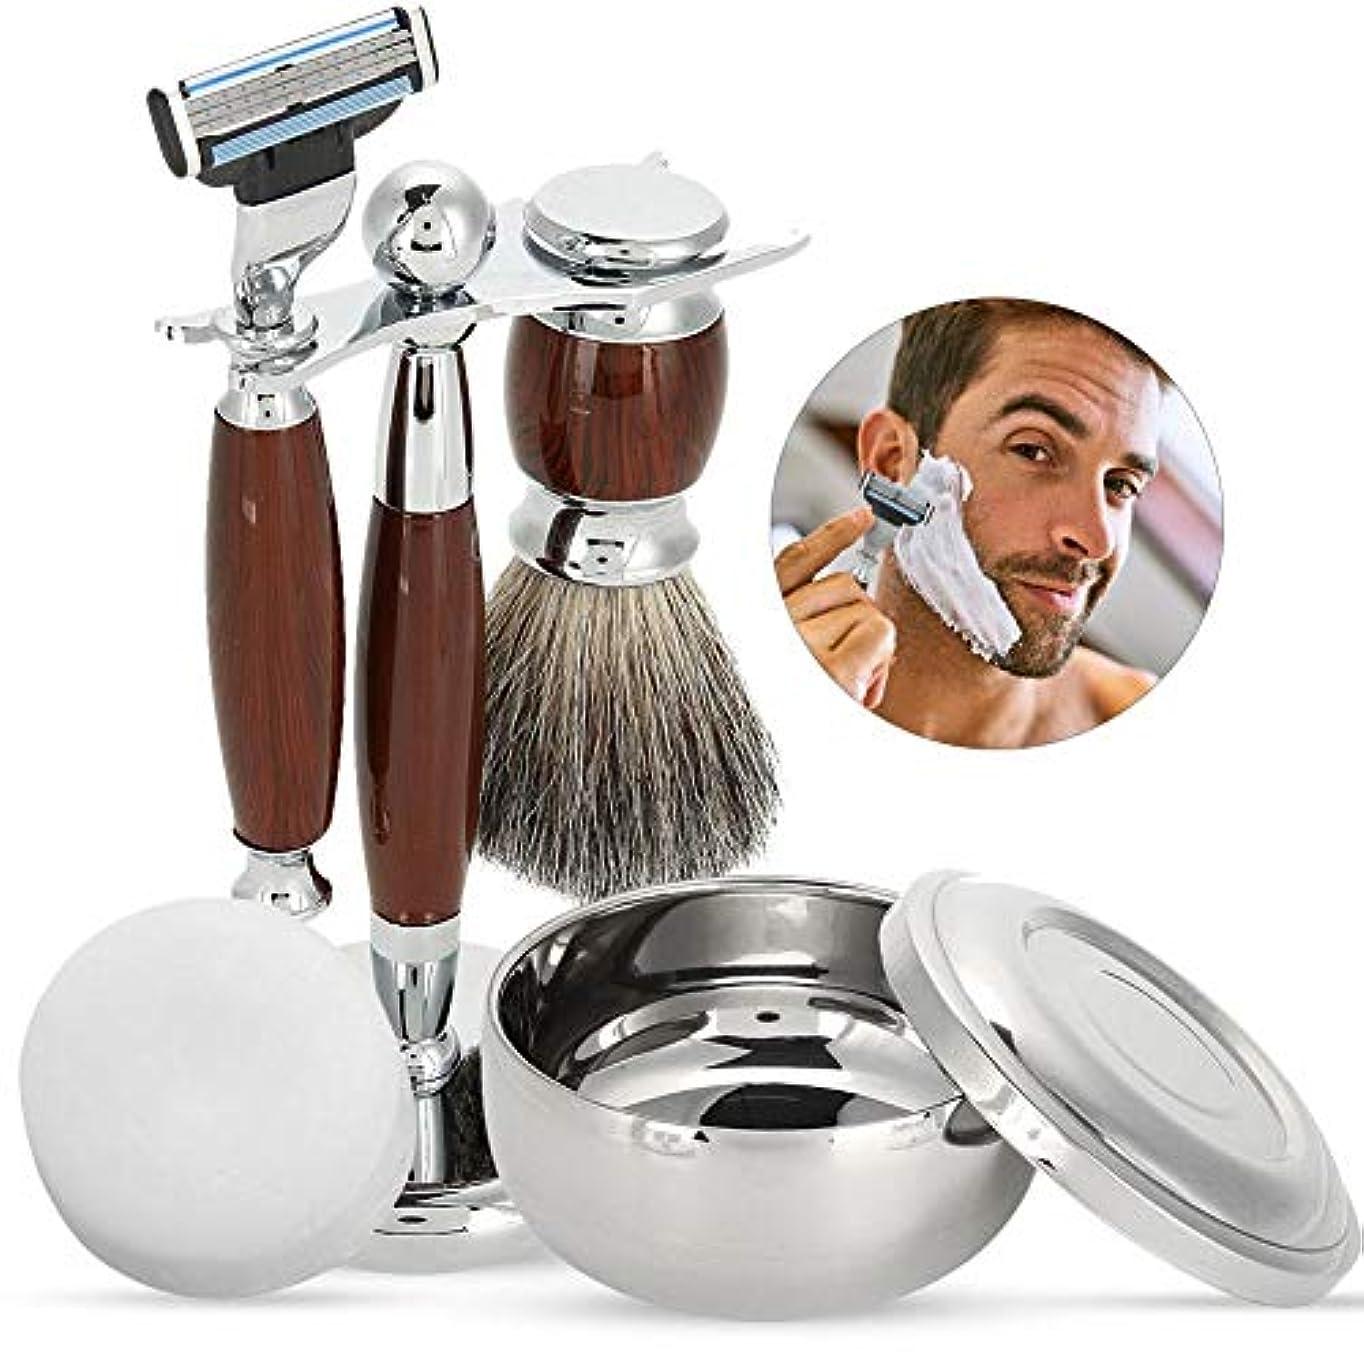 請うファランクス気付く男性ひげ剃りセット、シェービングブラシ++ボウル+石鹸+ブラシホルダー 洗顔 髭剃り スキンケア プレゼン